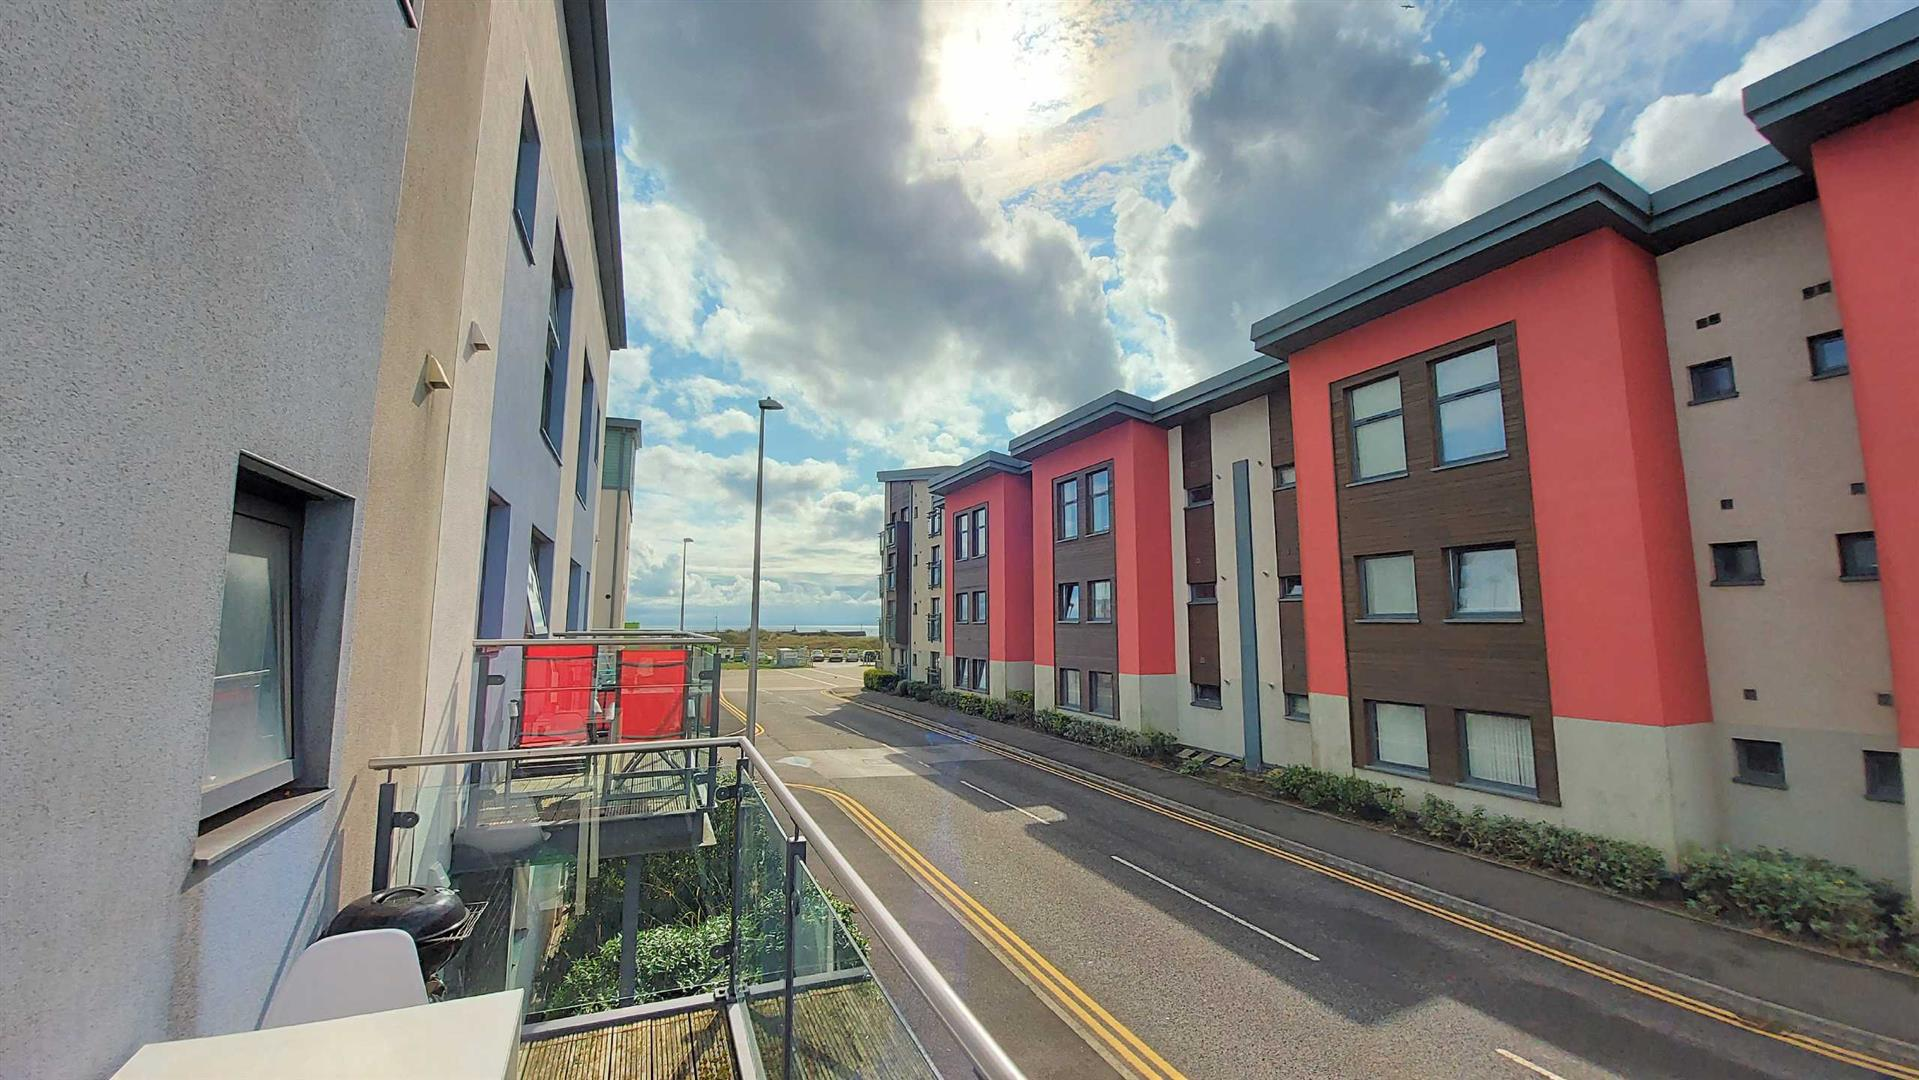 Marina Villas Trawler Road, Marina, Swansea, SA1 1FZ